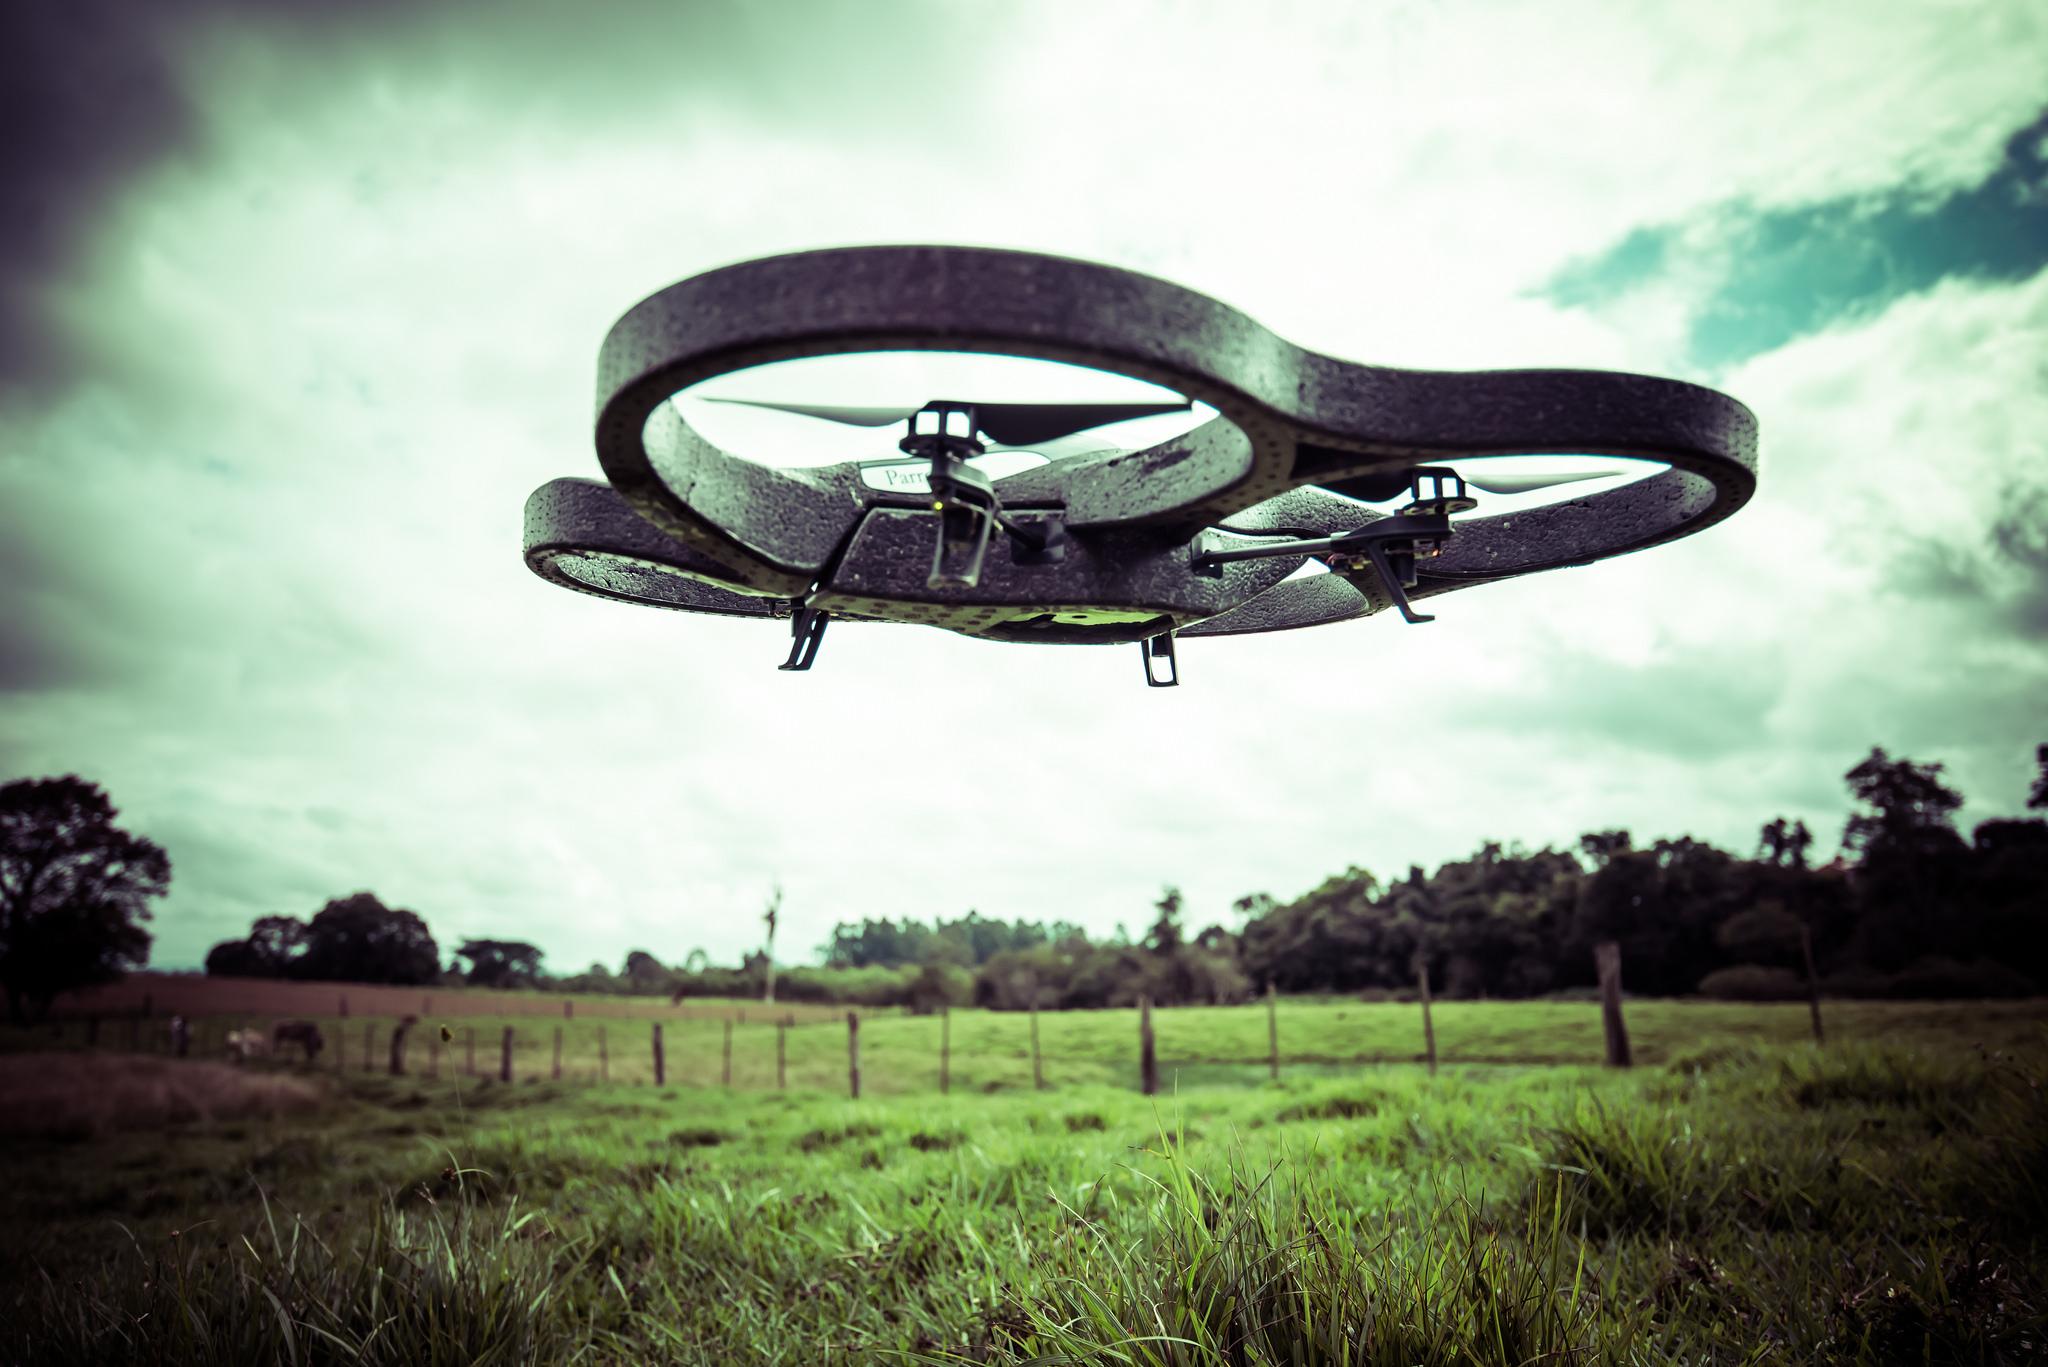 drone quadrocoptaire